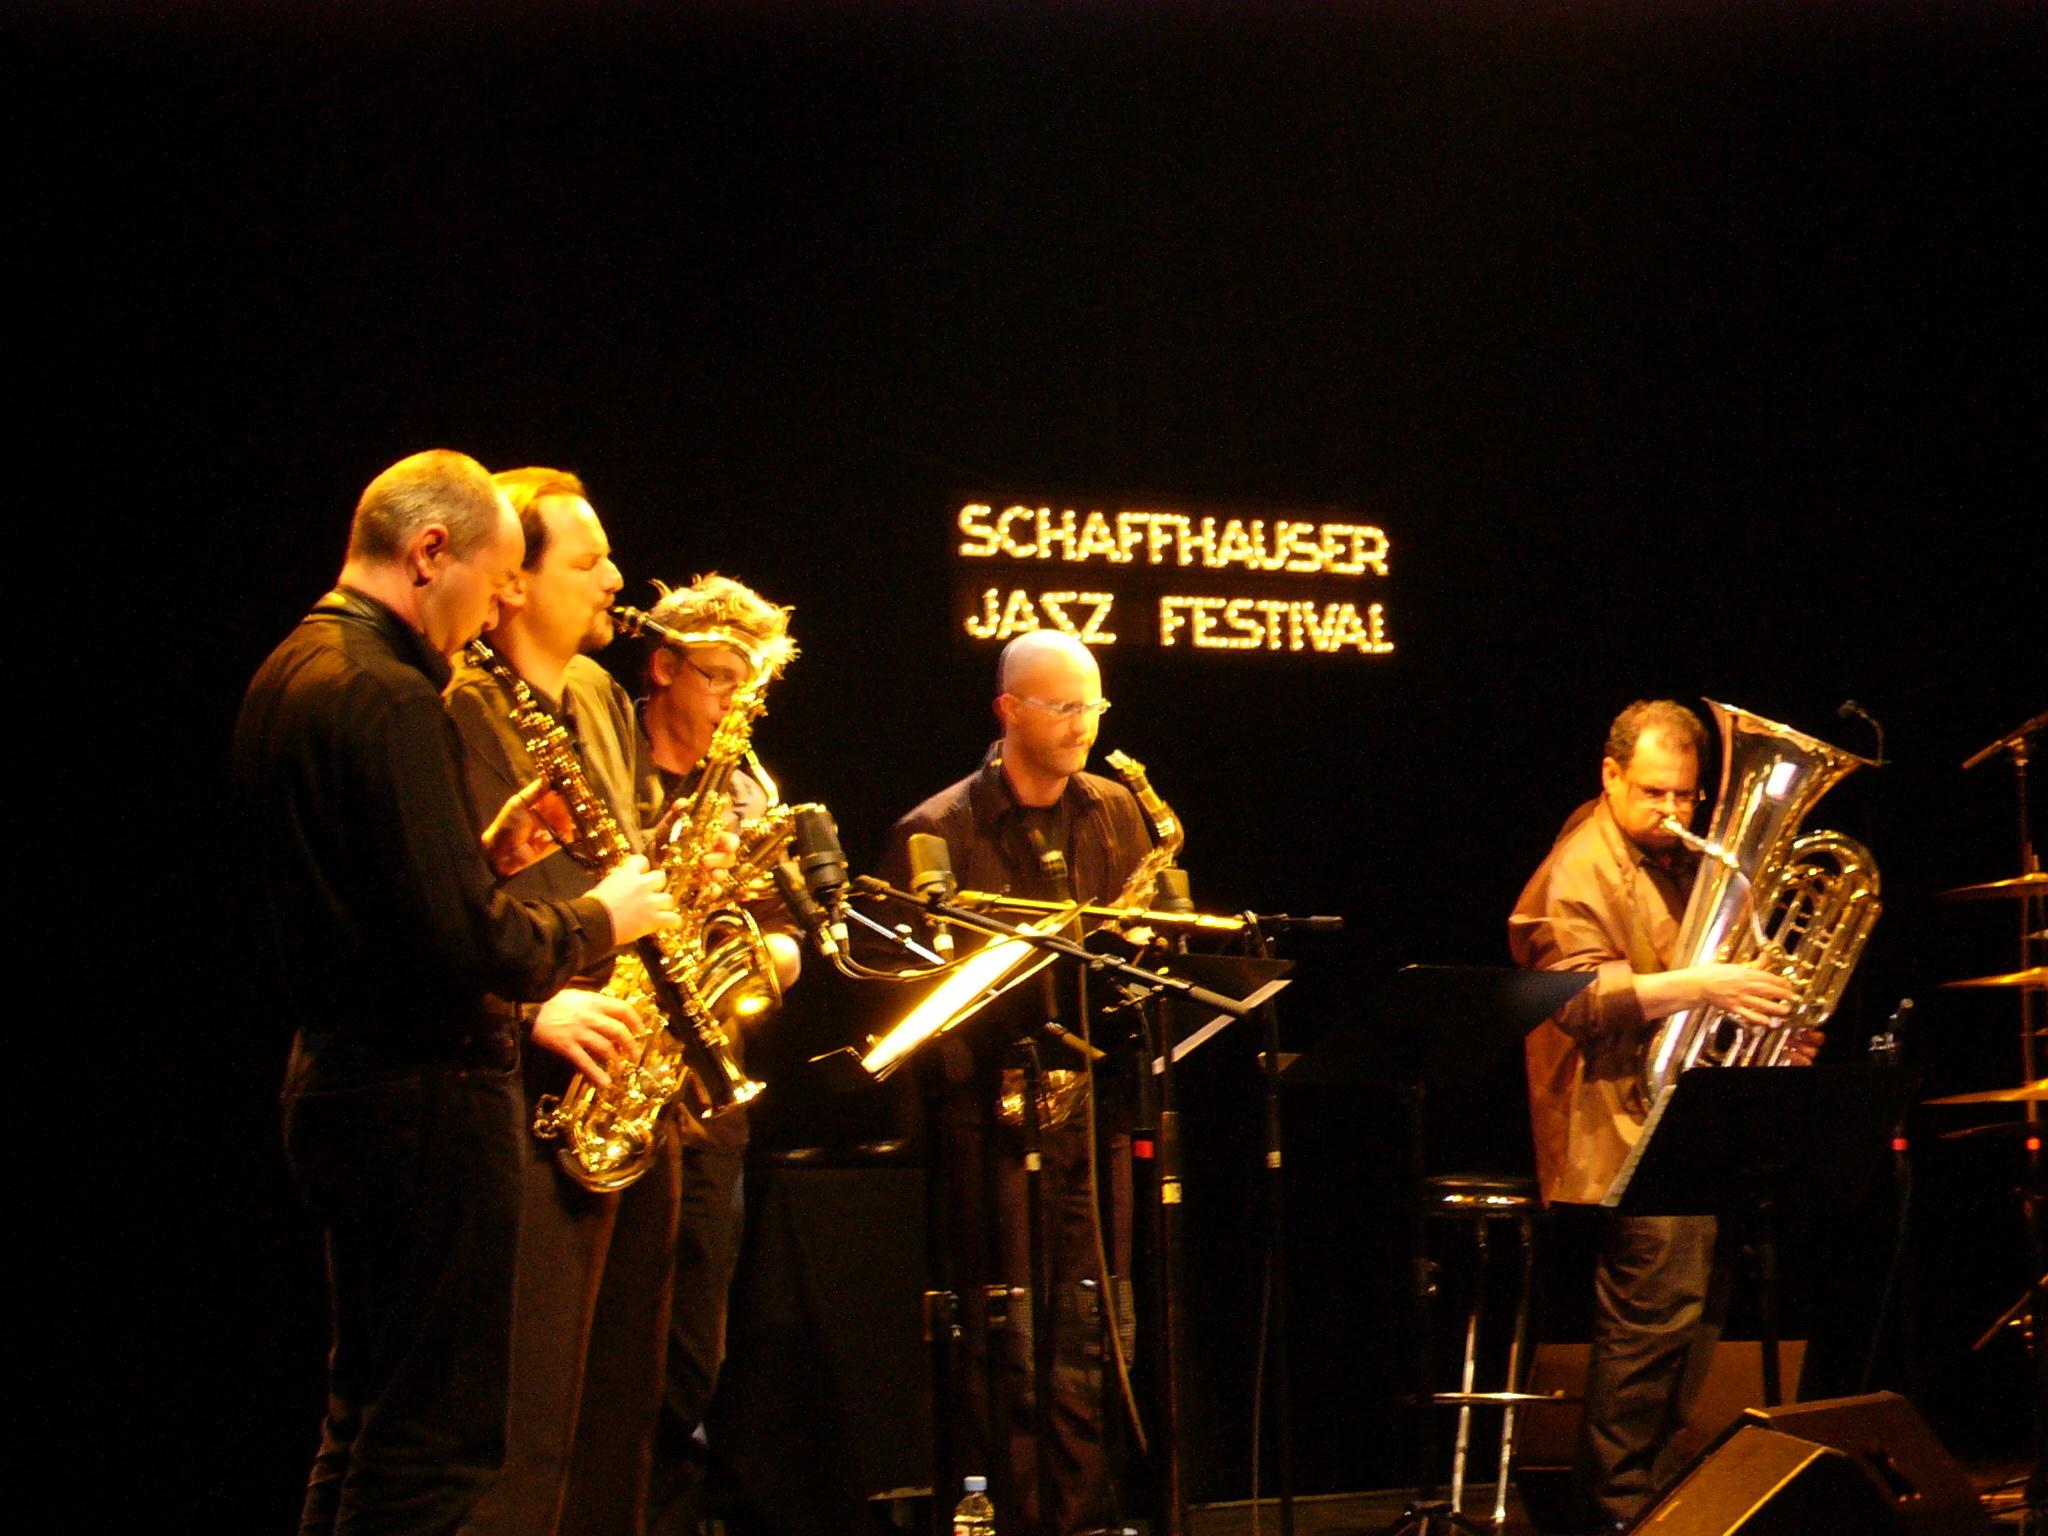 ARTE+ Pierre Favre Schaffhausen 2004